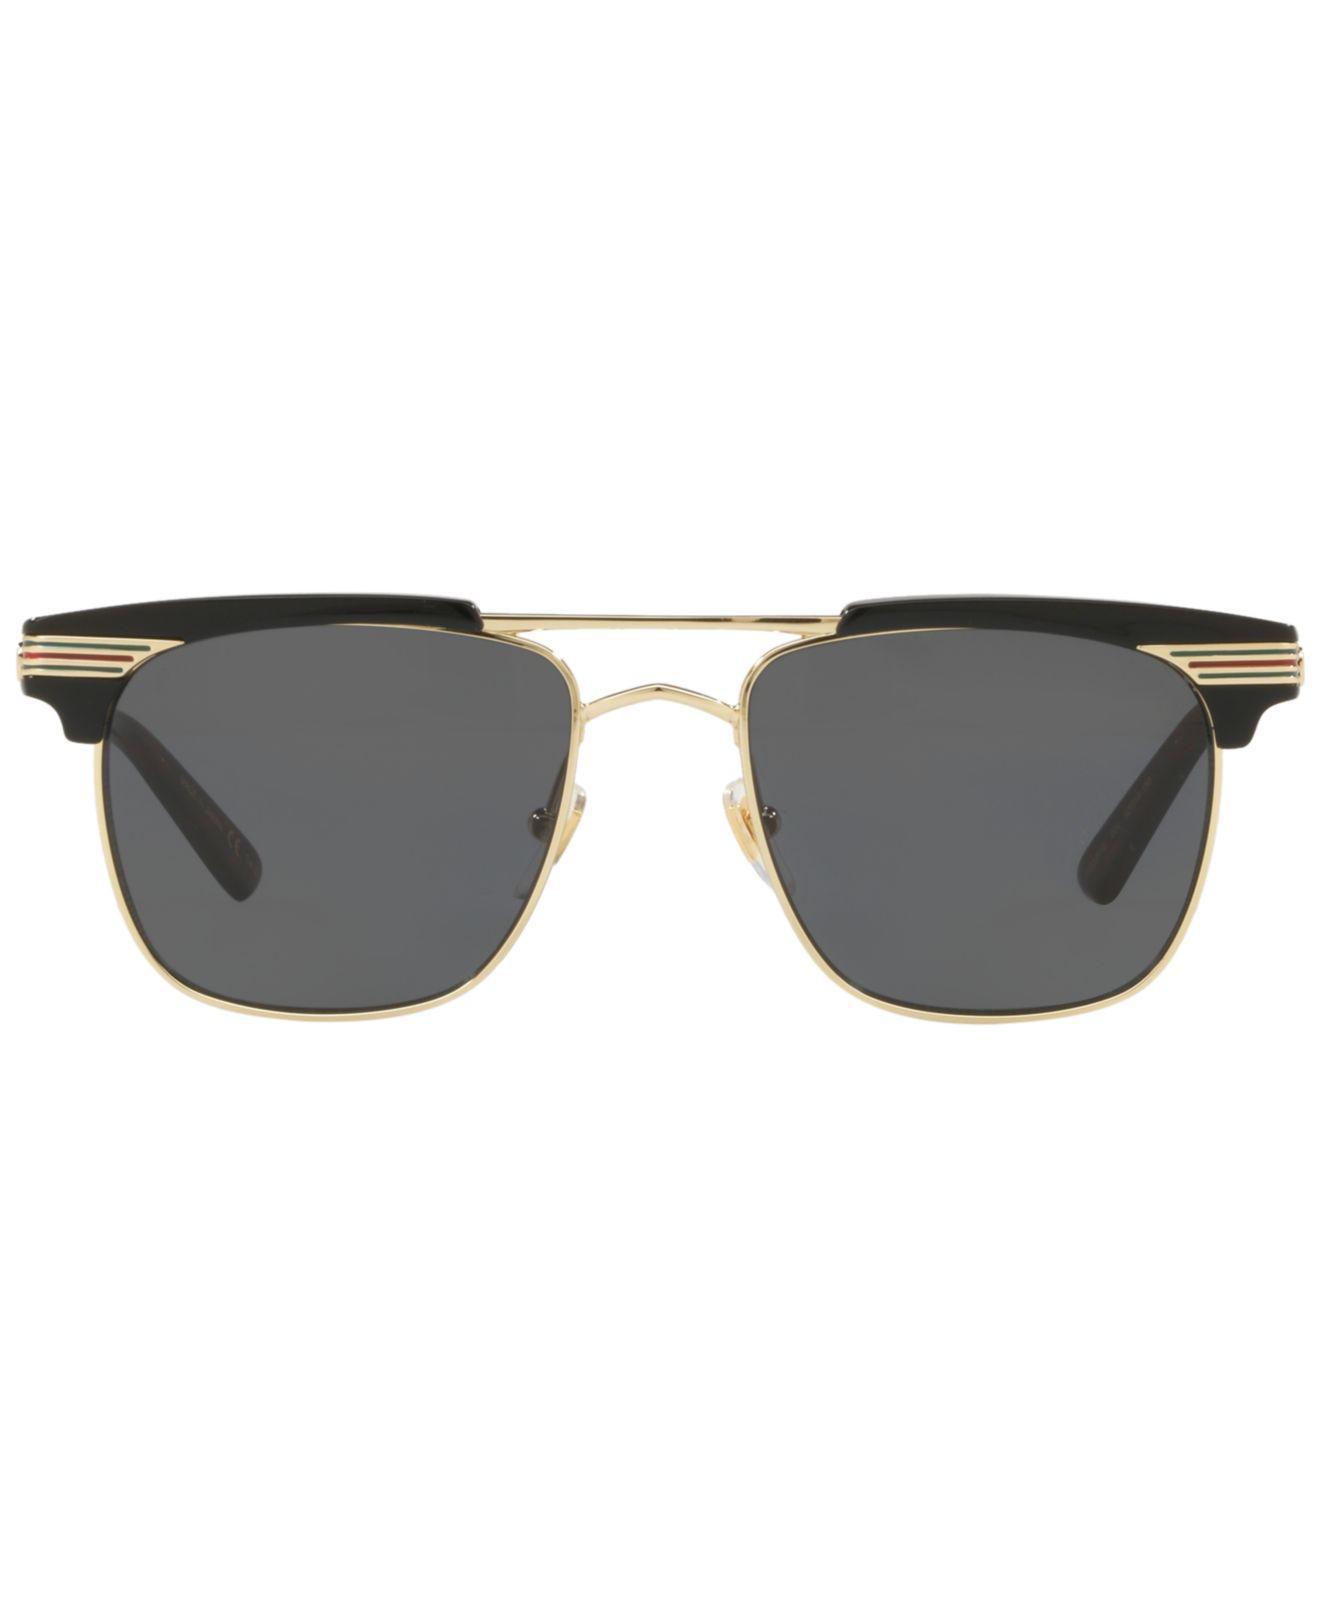 a5bad4e9fc6 Lyst - Gucci Sunglasses